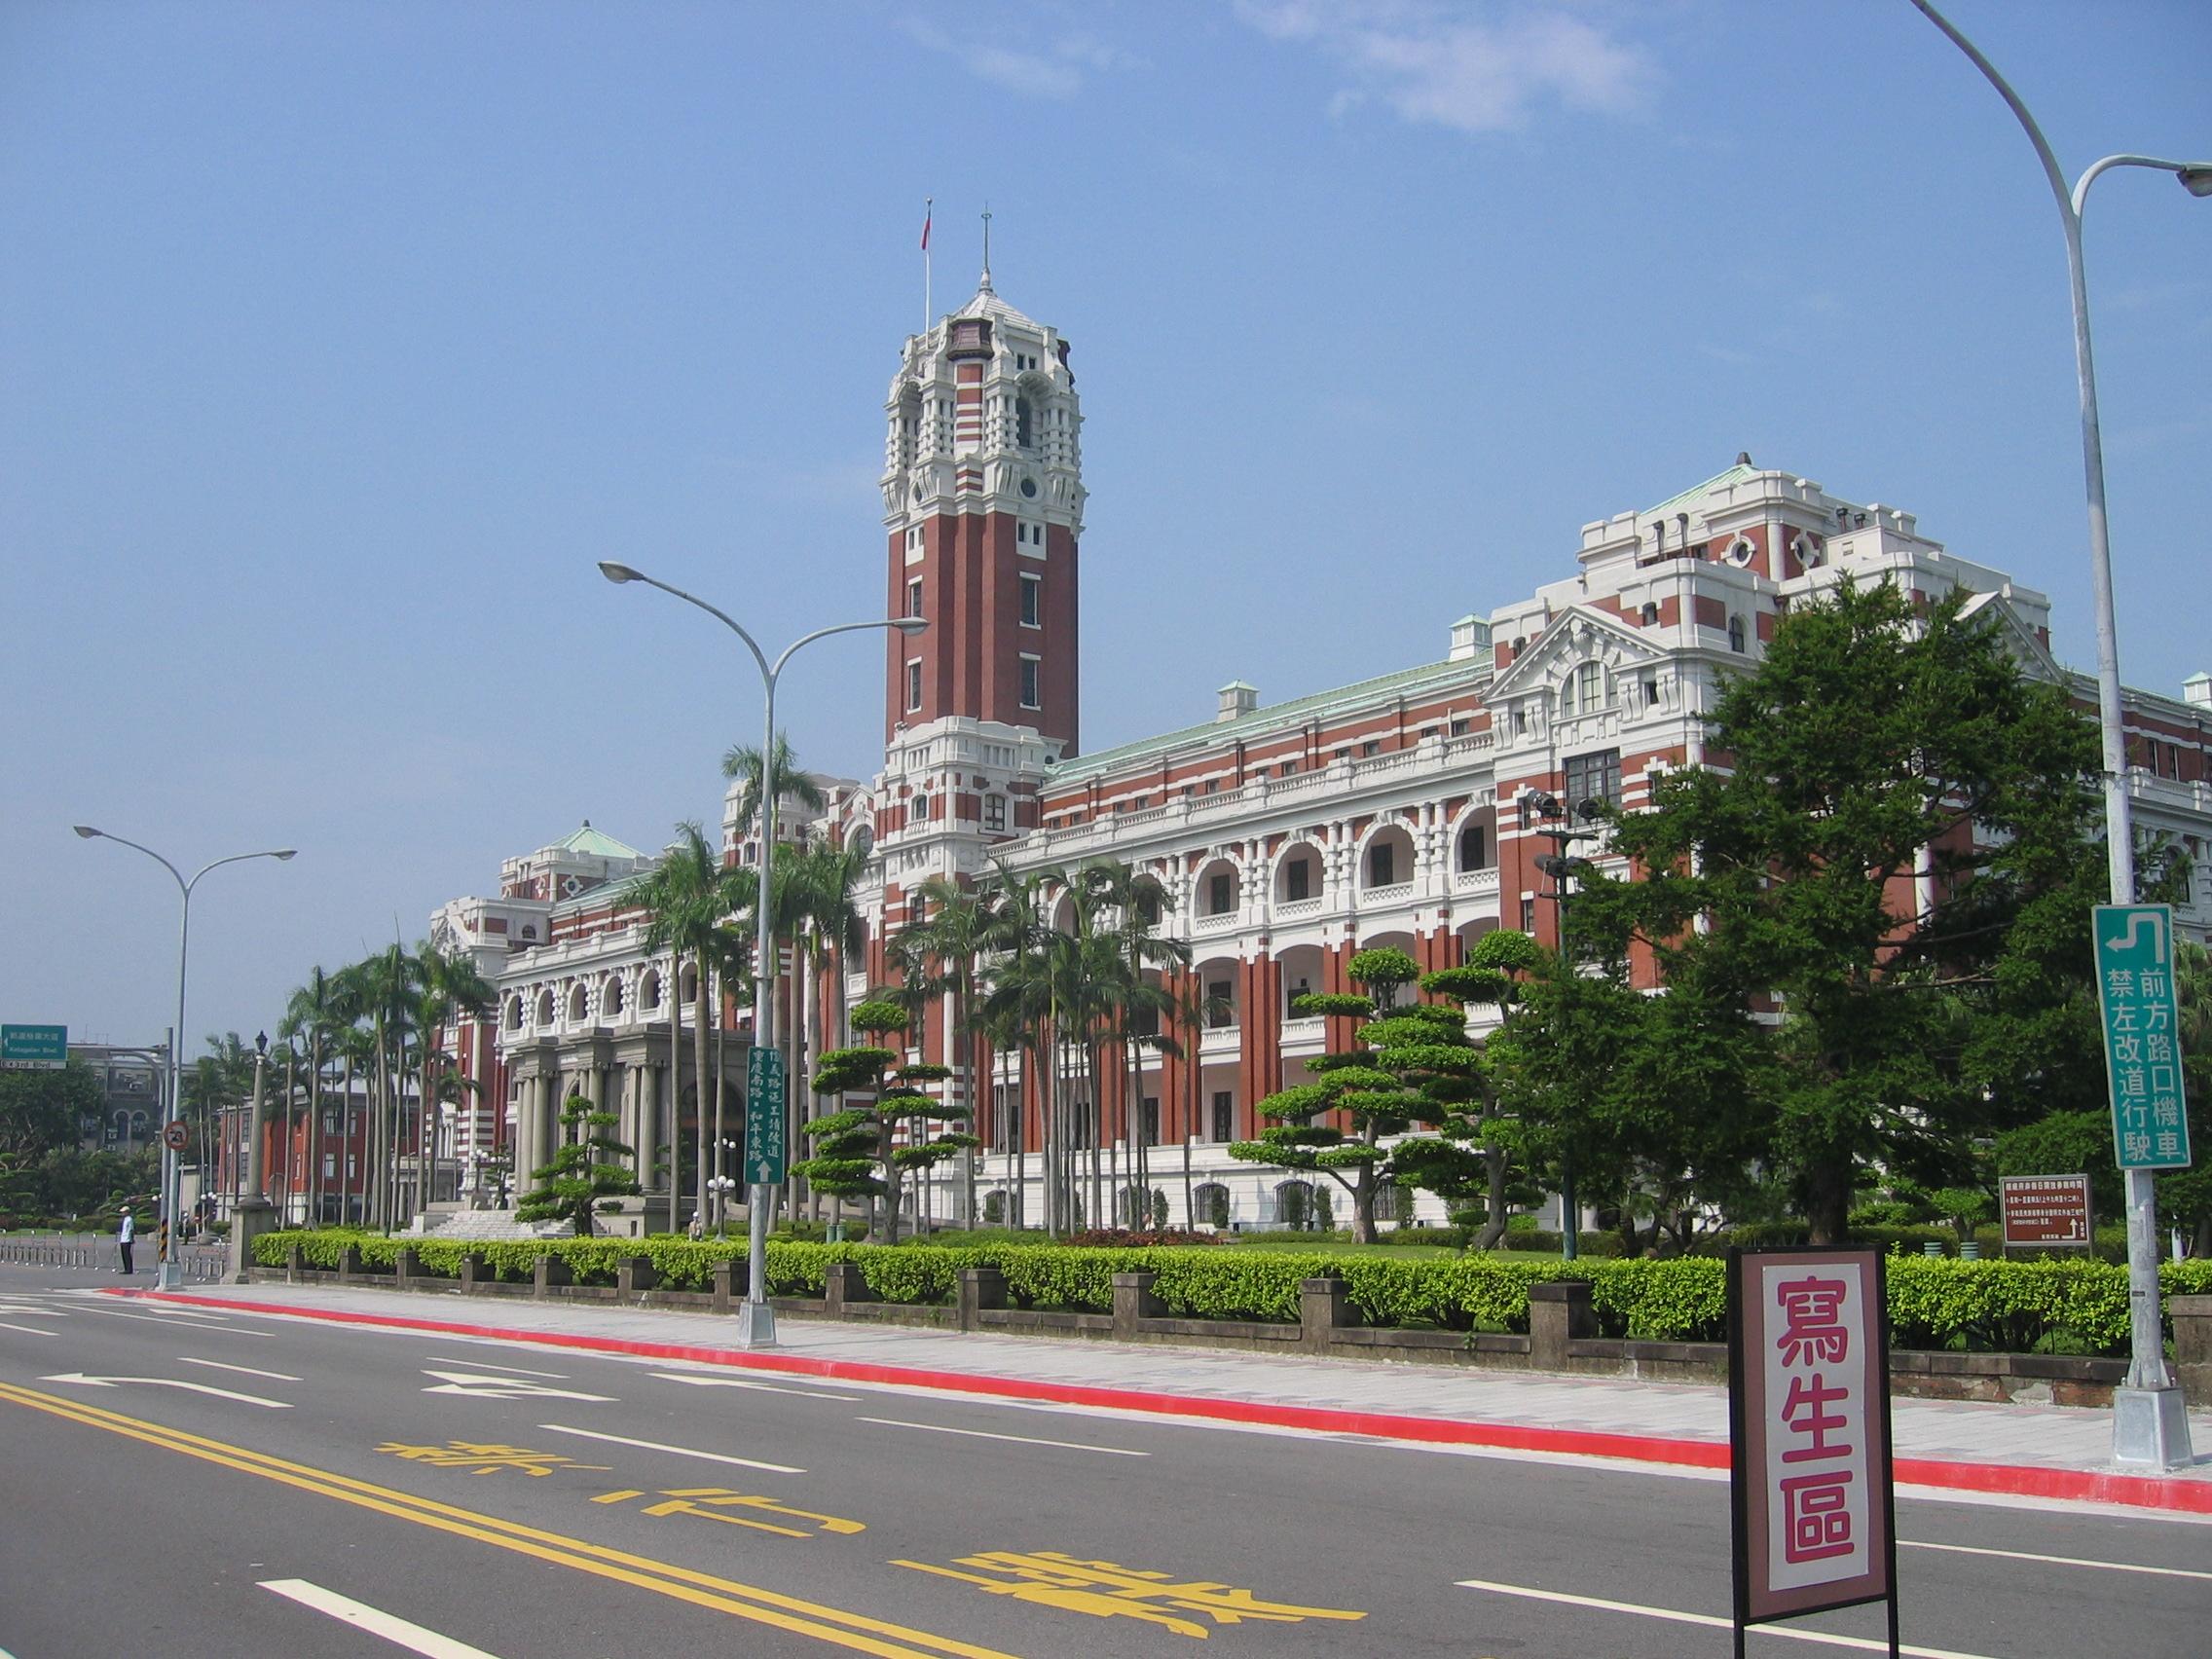 台湾 - Page 5 - 2015年以前の画像検索 - ImageSeek